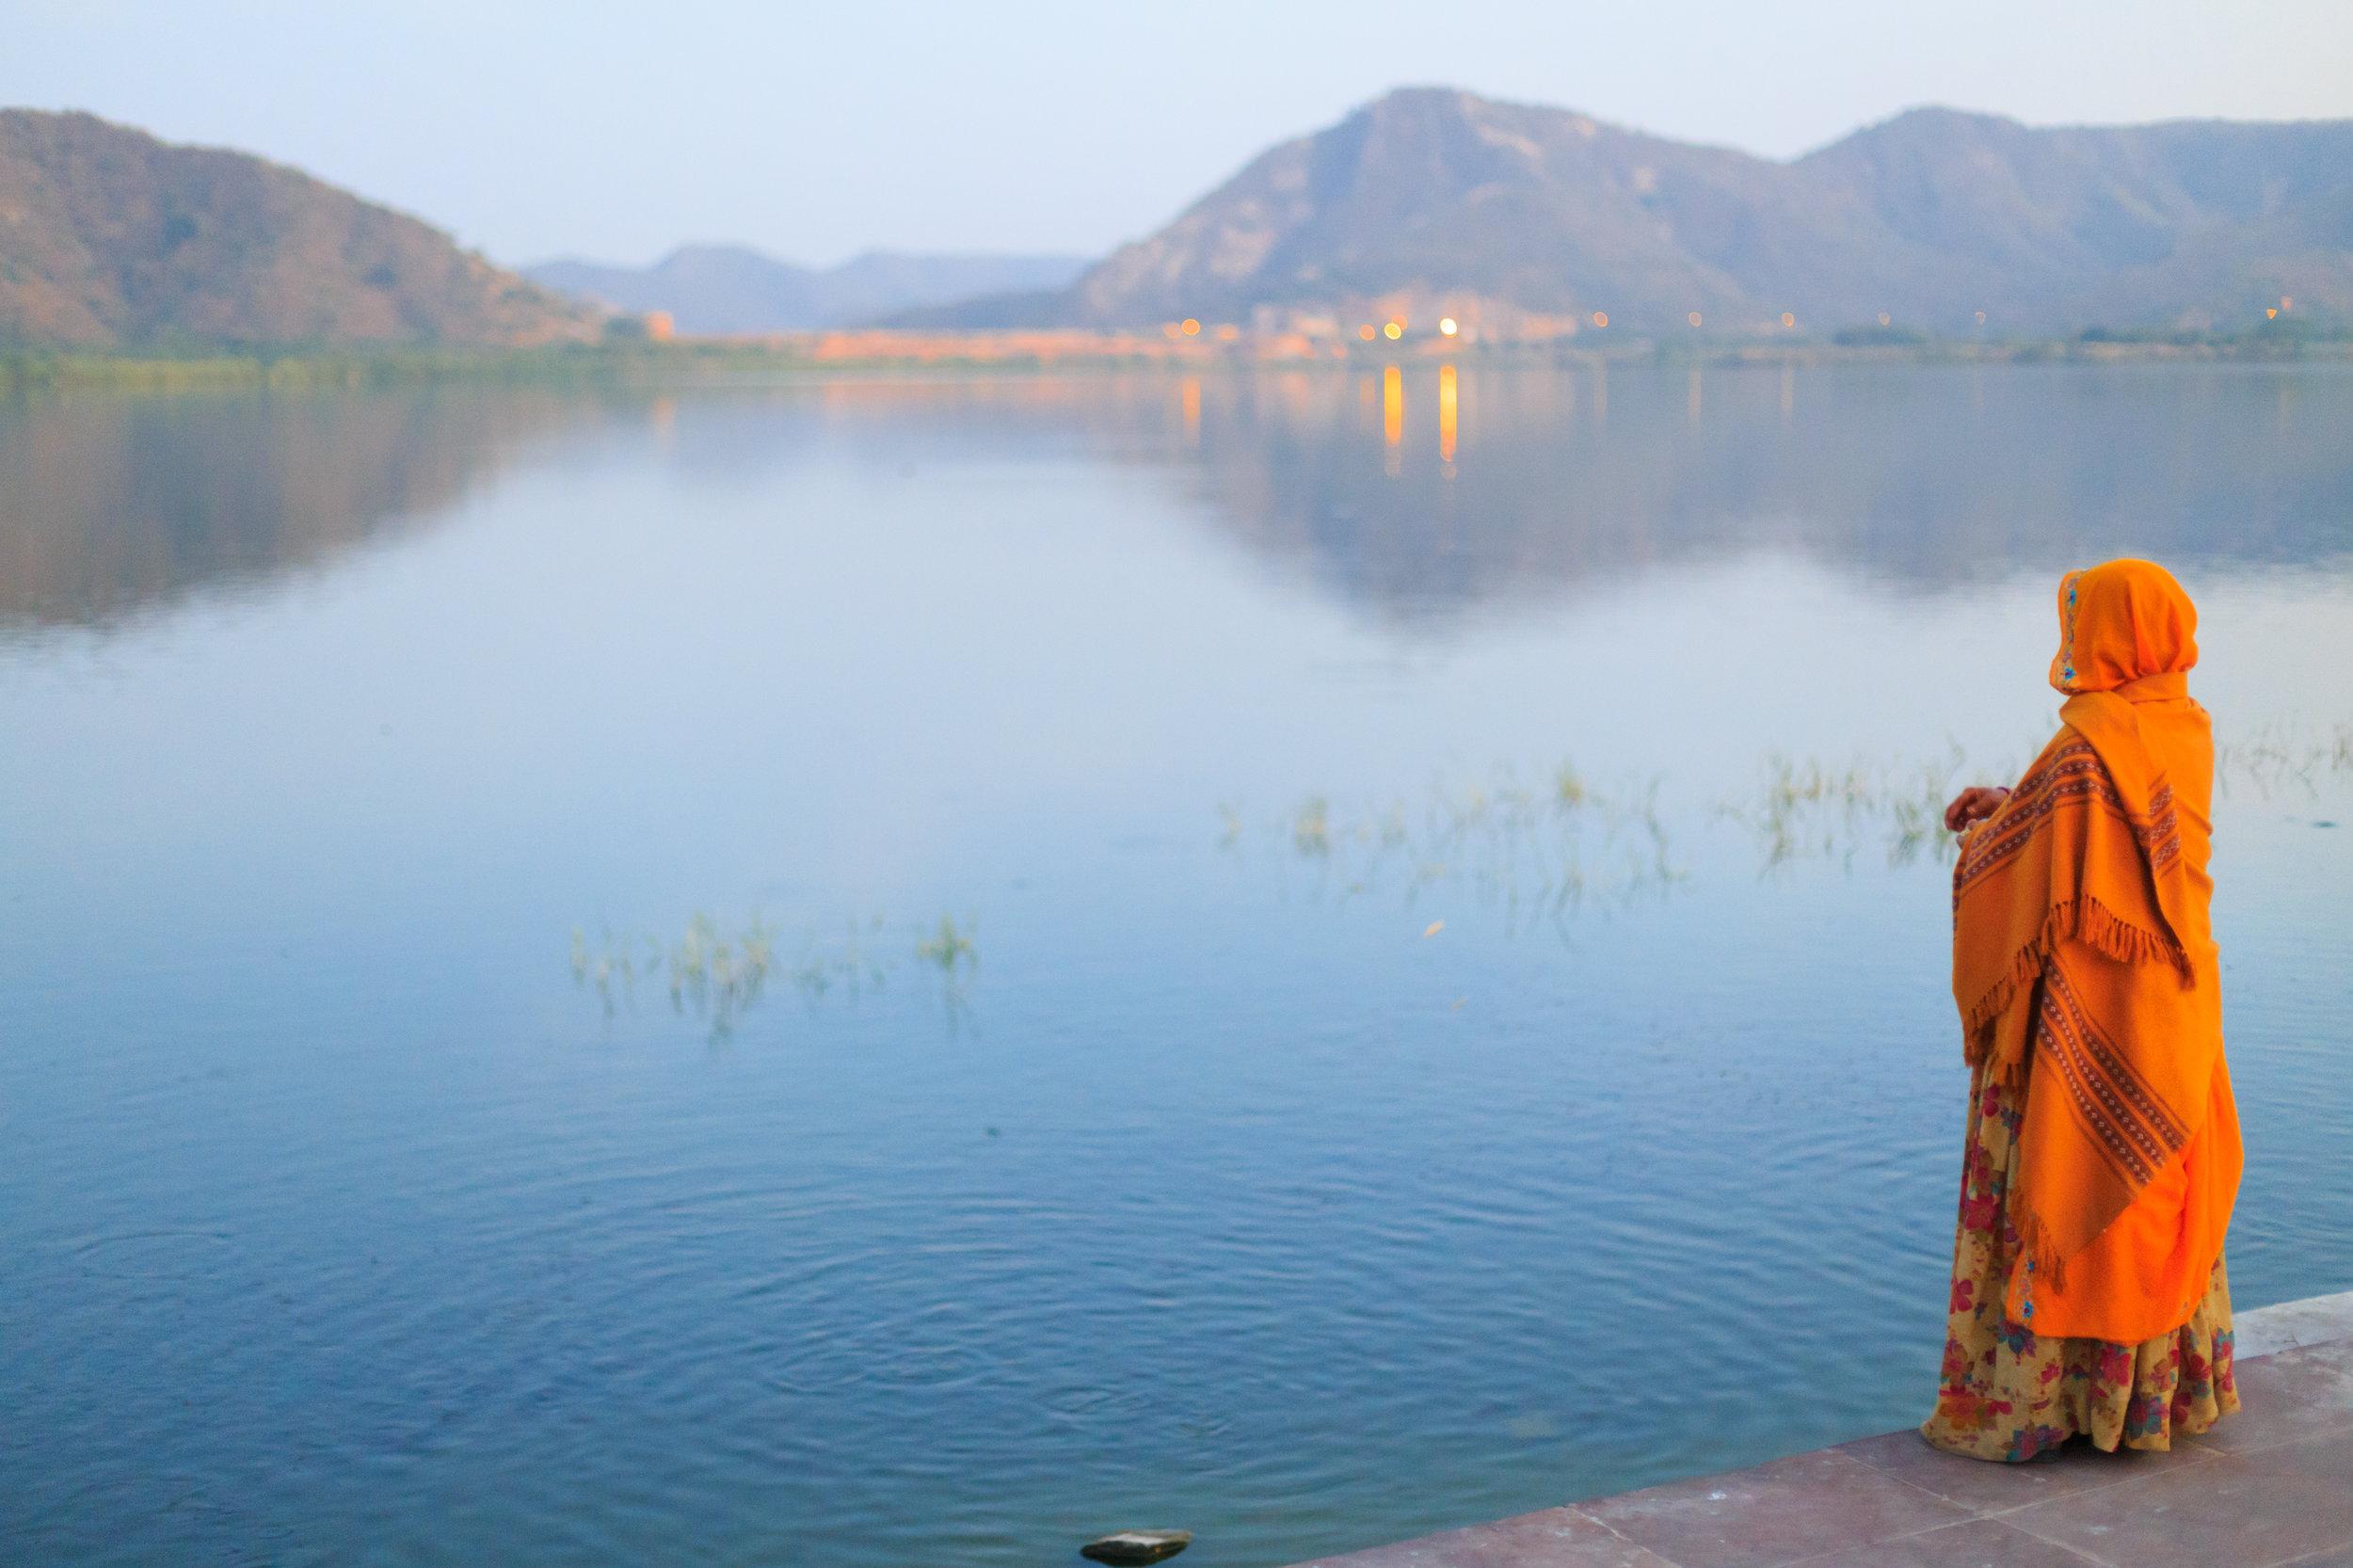 Man Sagar Lake, Rajasthan, India